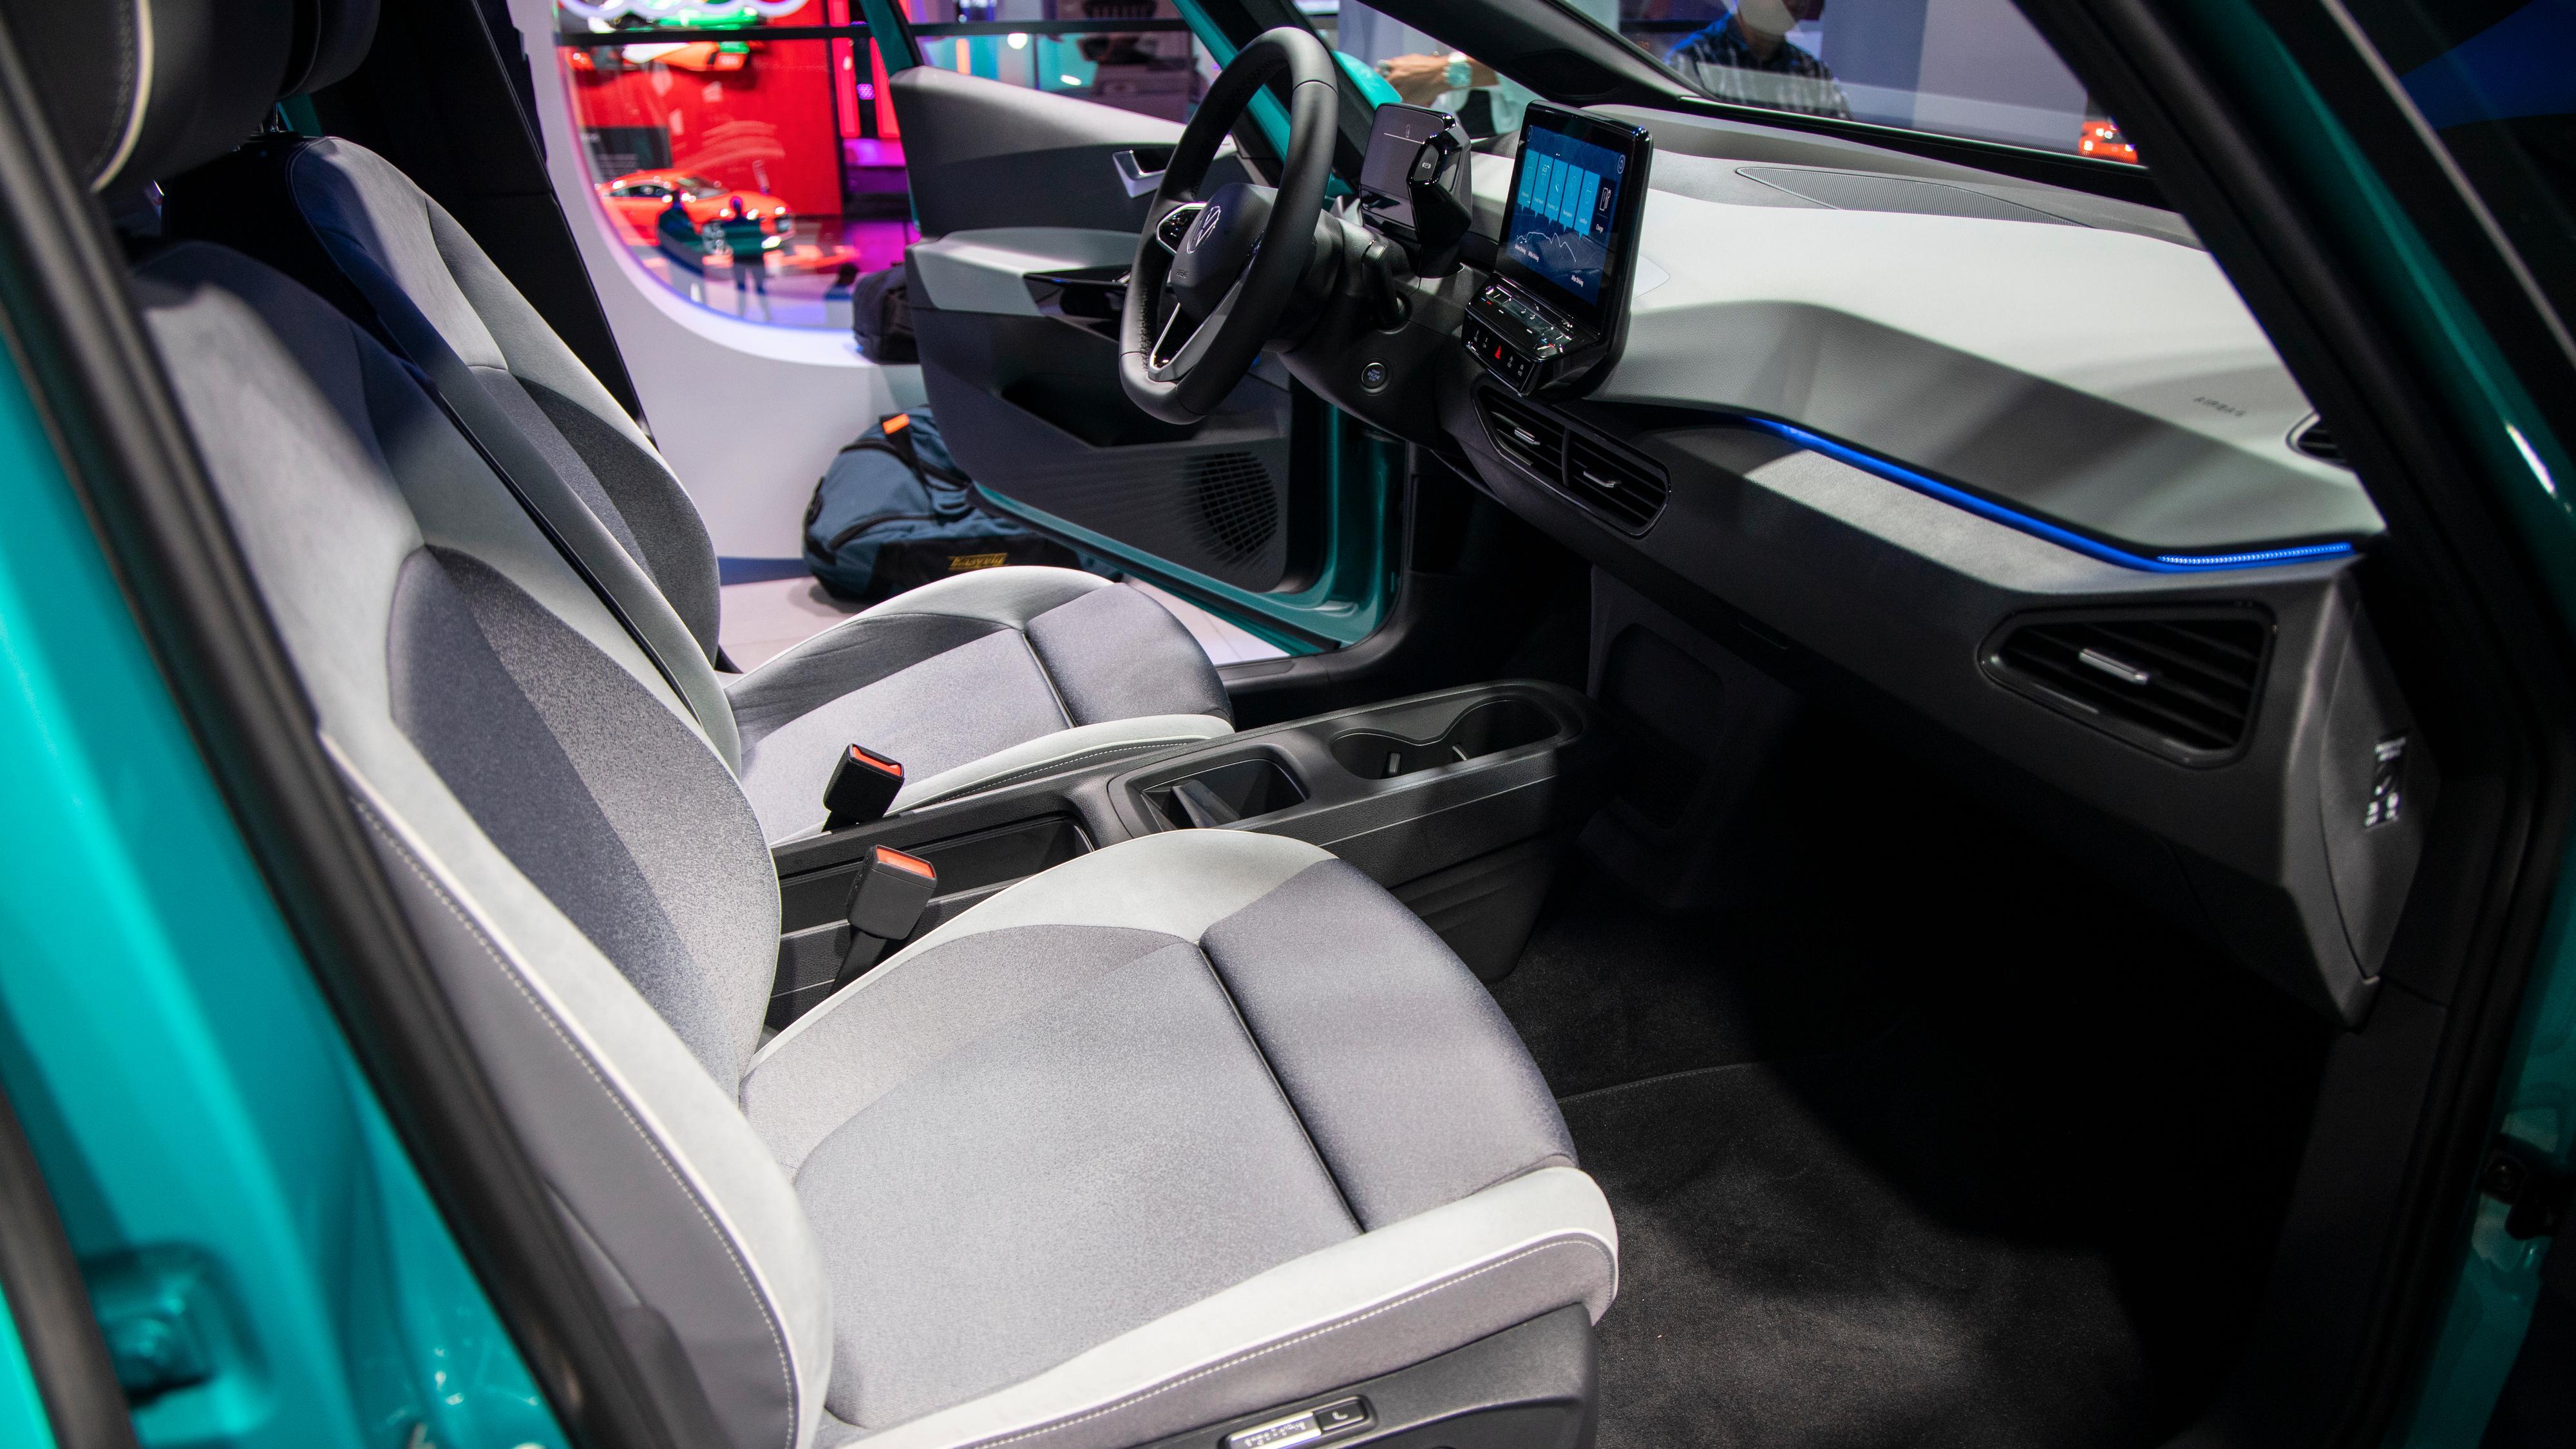 ID.3 føles som en typisk Volkswagen - kanskje ikke luksuriøs, men definitivt funksjonell. Legg merke til den veldig lave midtkonsollen, som gjør at forsetene må ha egne armlener.